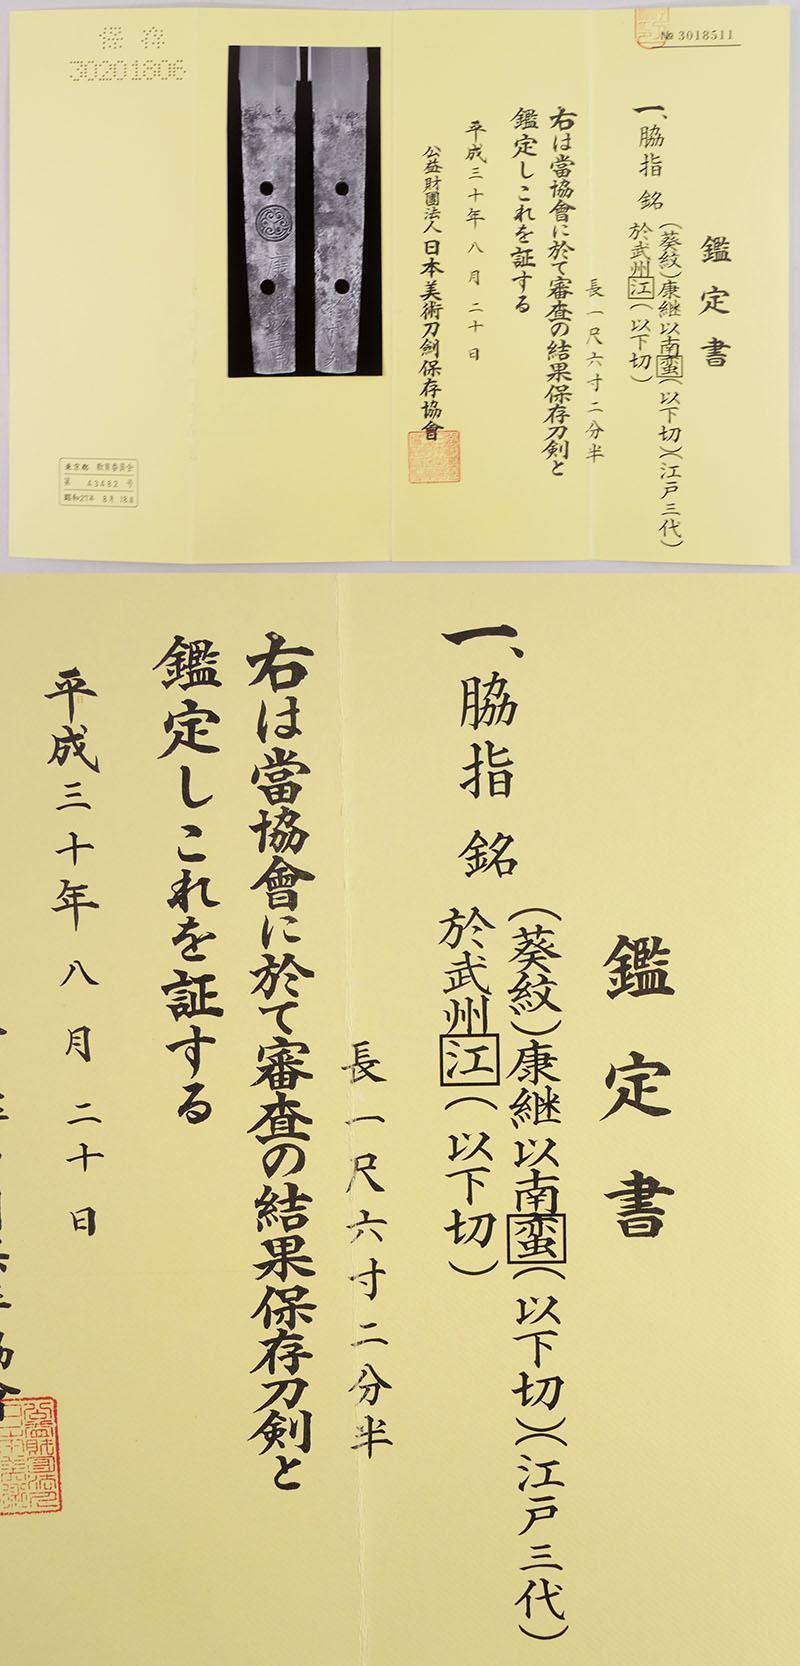 康継以南蛮(以下切)(江戸三代康継)鑑定書画像